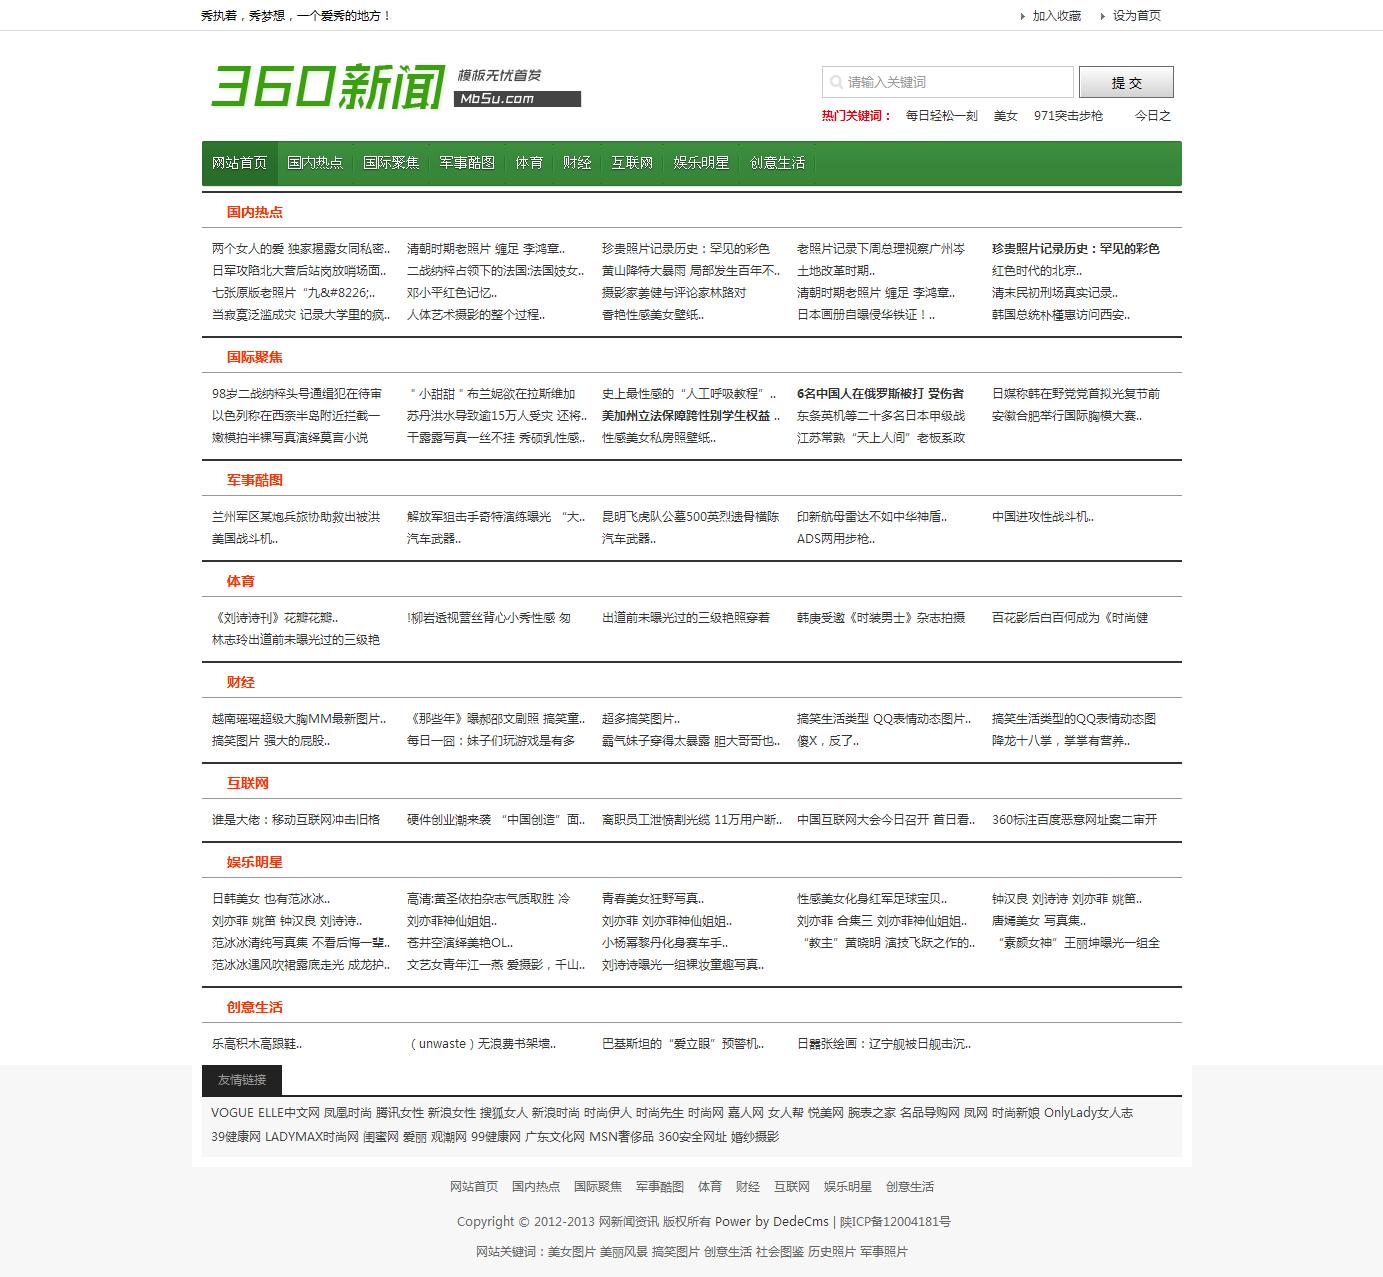 仿360新闻门户/清爽型资讯织梦模板